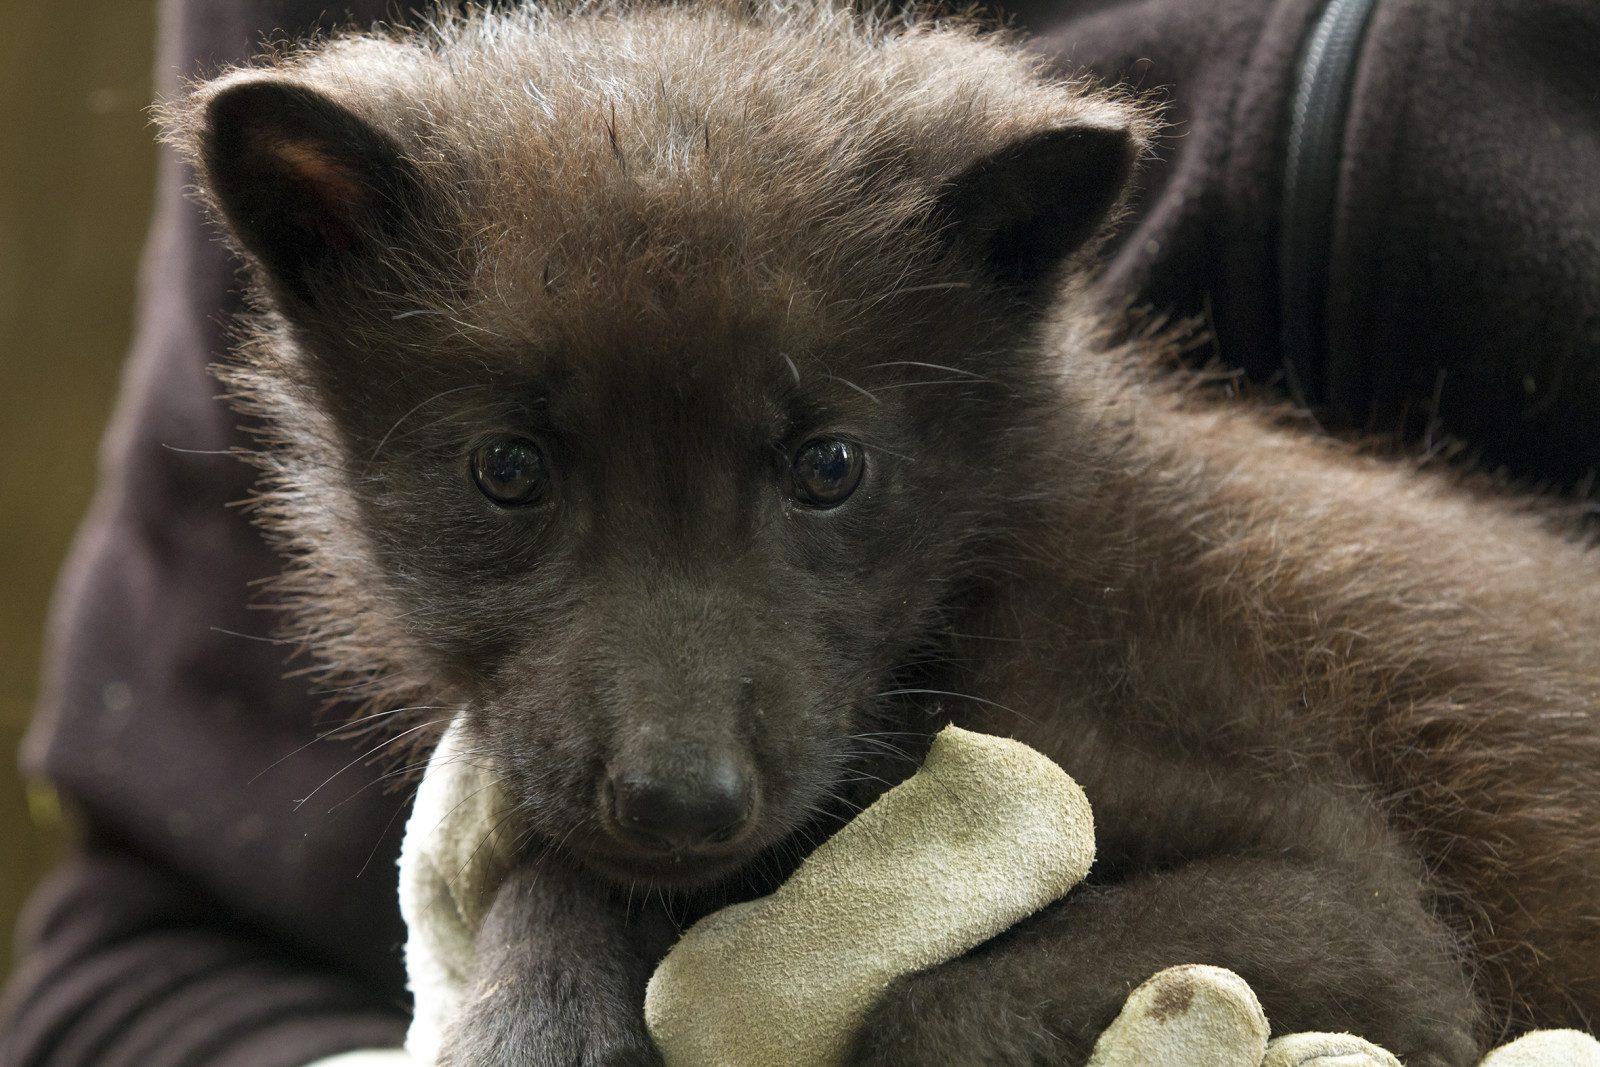 Carnet rose : un louveteau noir est né au Parc de Sainte-Croix (photo)